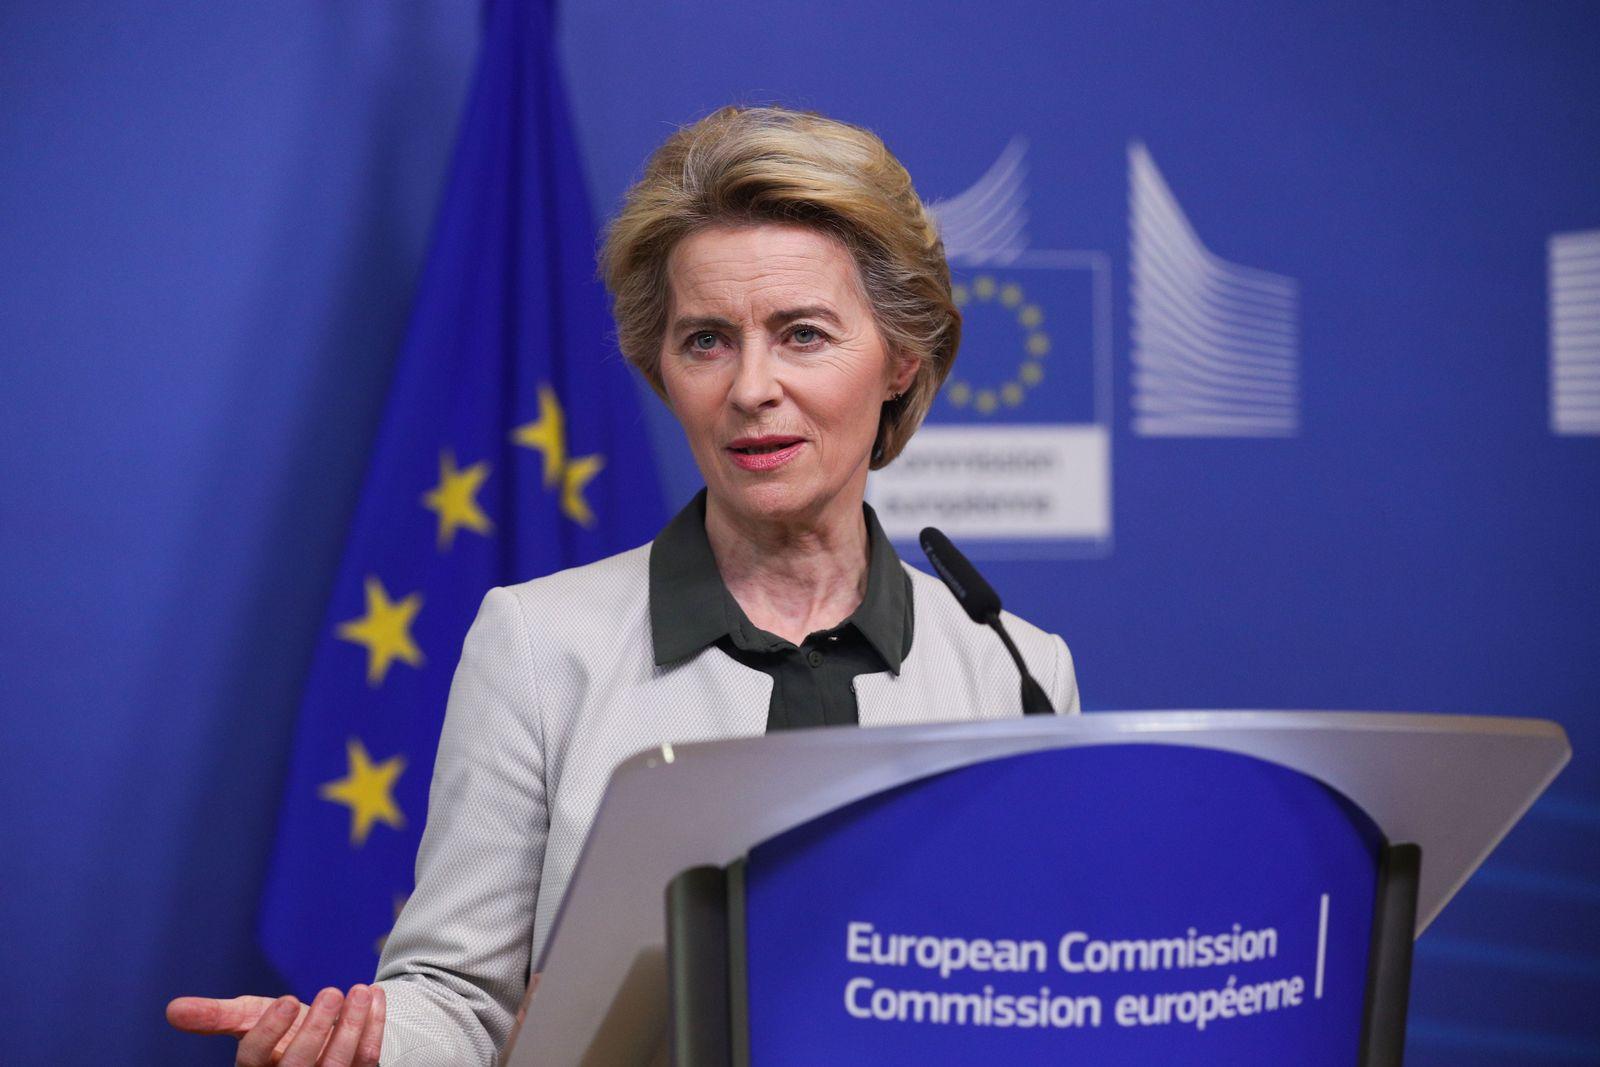 (191212) -- BEIJING, Dec. 12, 2019 -- European Commission President Ursula von der Leyen delivers a press statement on t